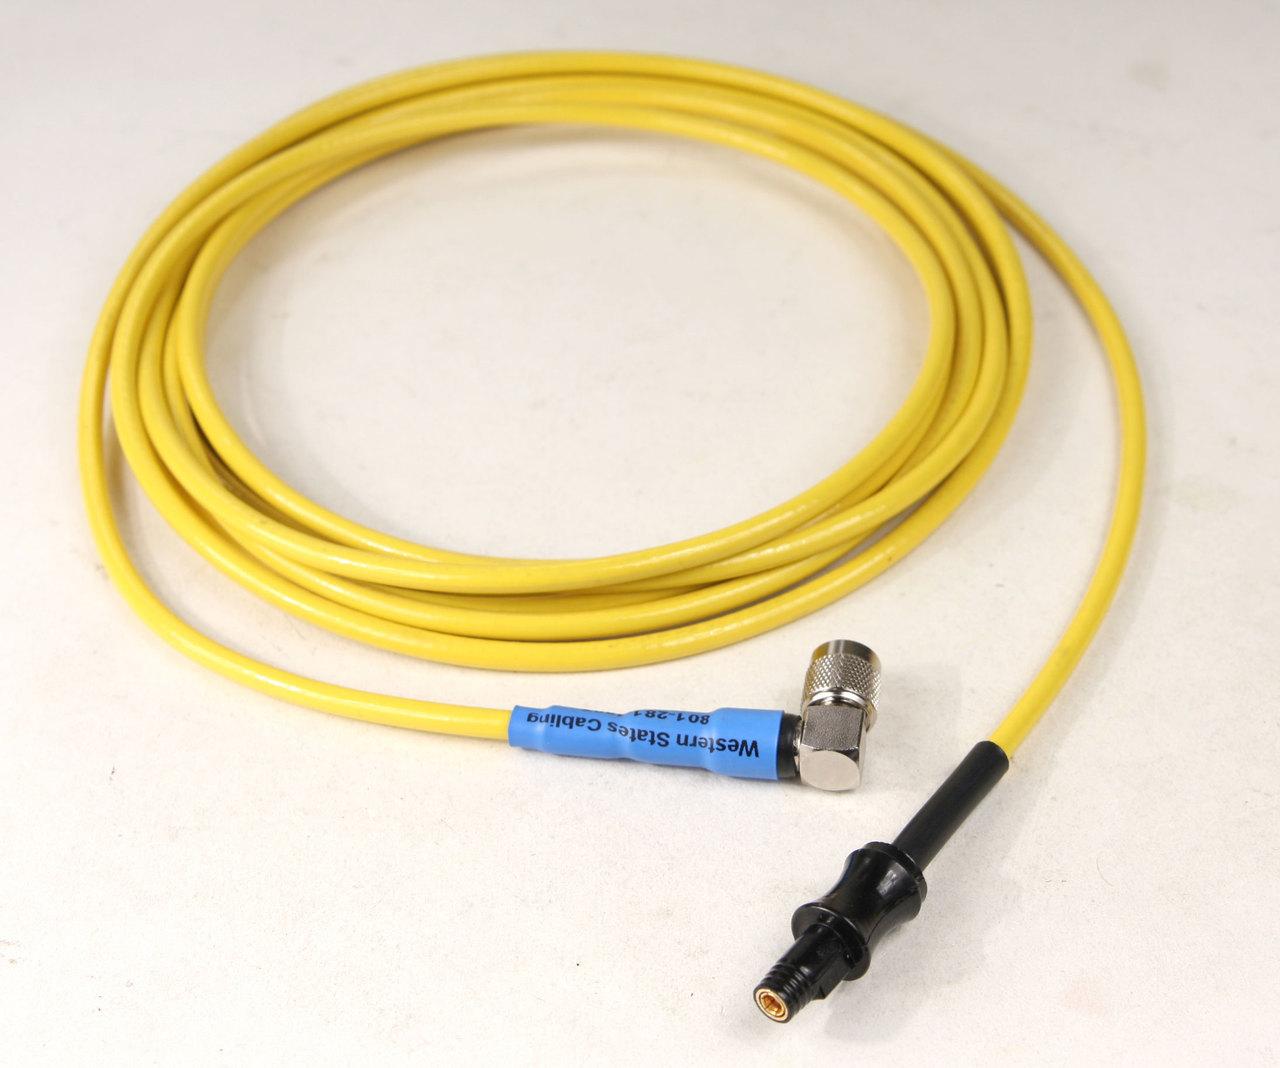 Câble 1,5m renforcé pour antenne Tempest, Tornado ou Zephyr 2